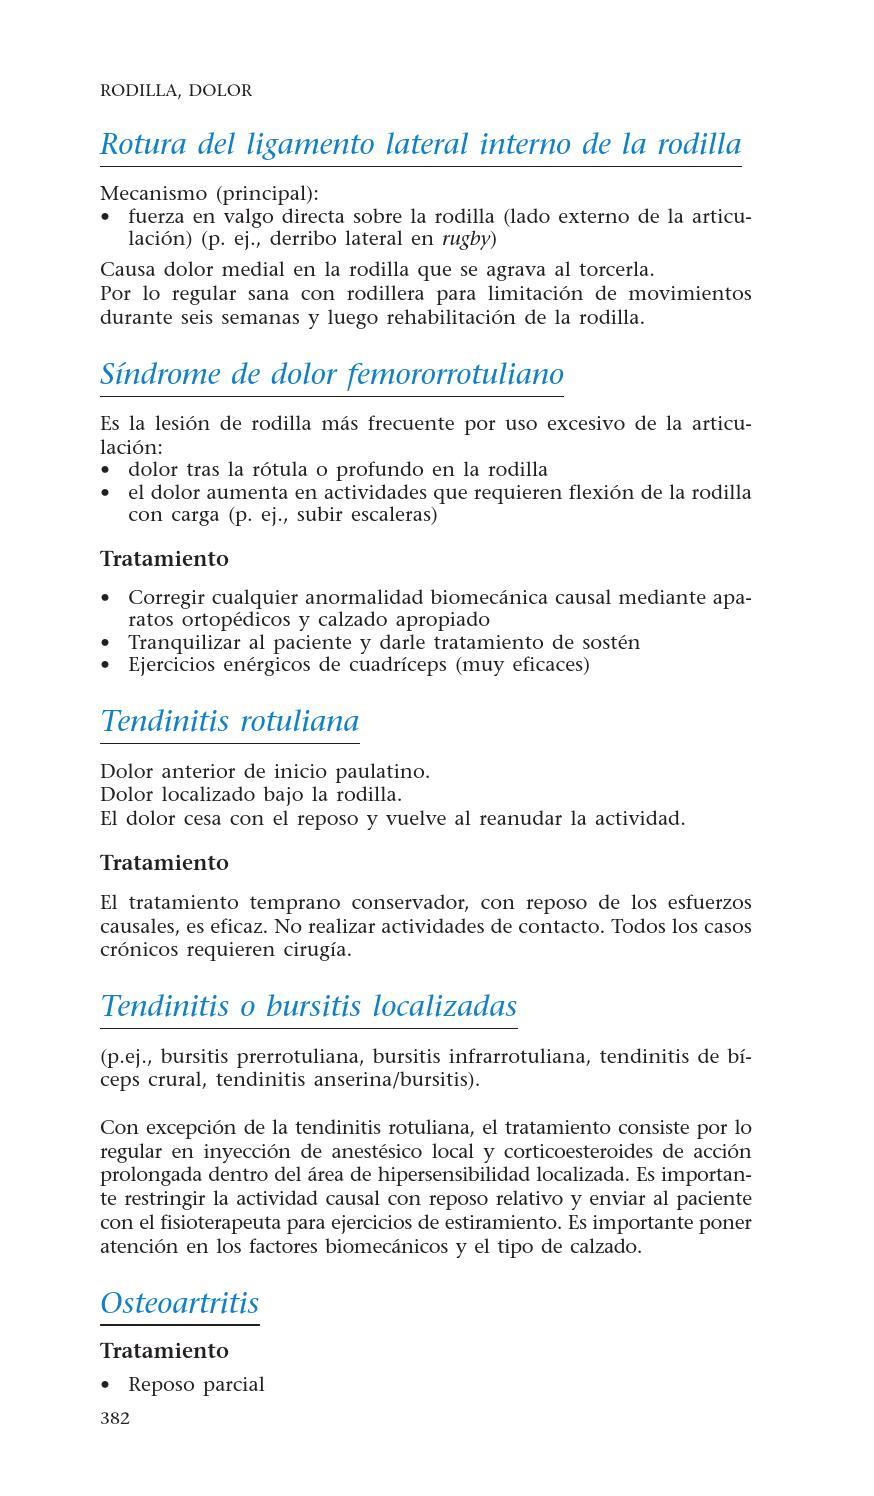 Encantador Reanudar Fisioterapeuta Canadá Regalo - Ejemplo De ...